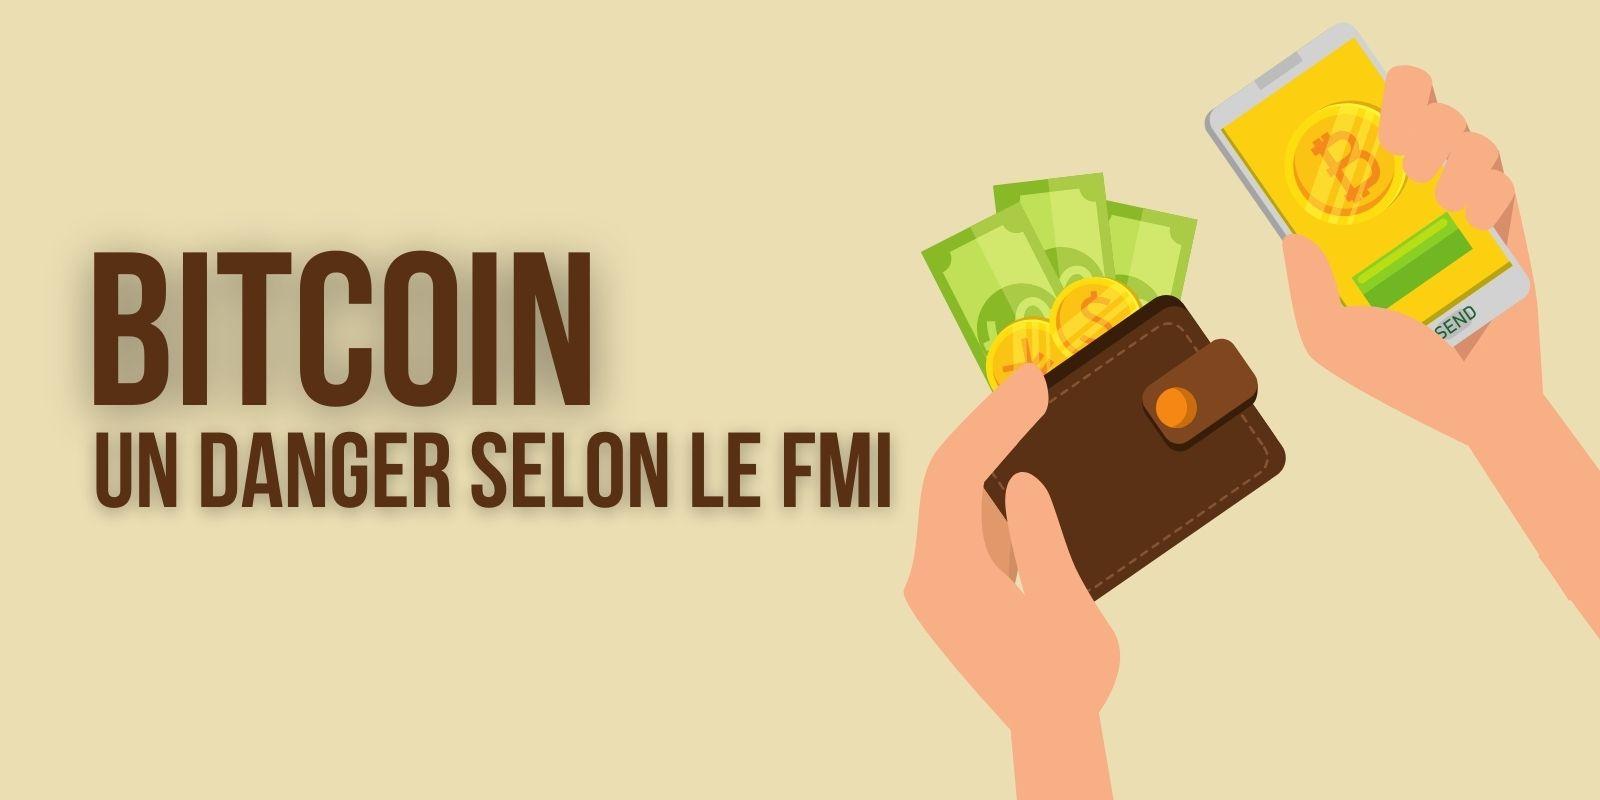 Le FMI avertit contre l'adoption du Bitcoin (BTC) en tant que monnaie légale